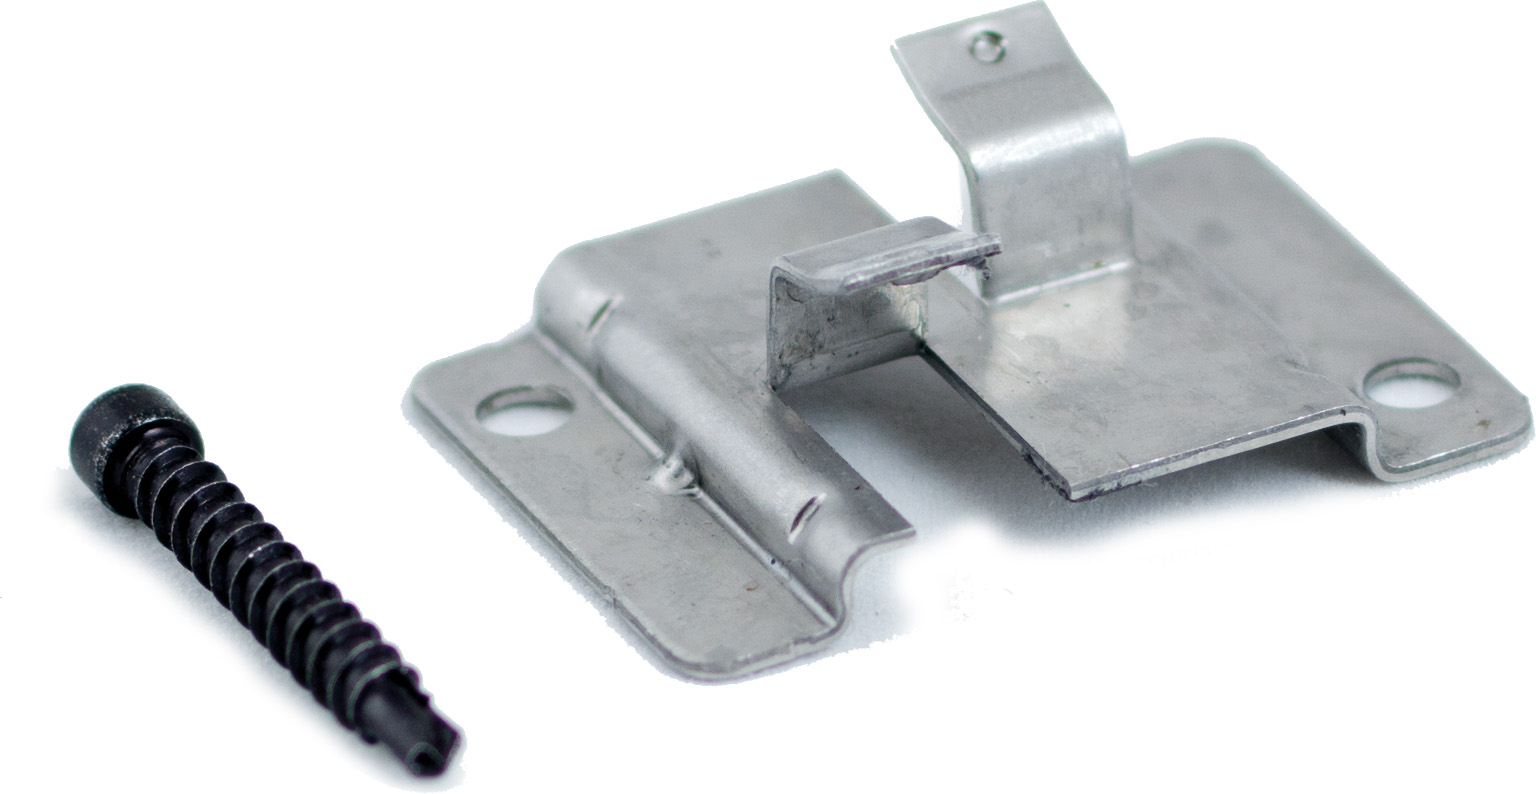 WPC Befestigungsclips aus Edelstahl, 100 Stück pro Verpackung inkl. Schrauben, ausreichend für ca. 5 m² bzw. 35 lfm.